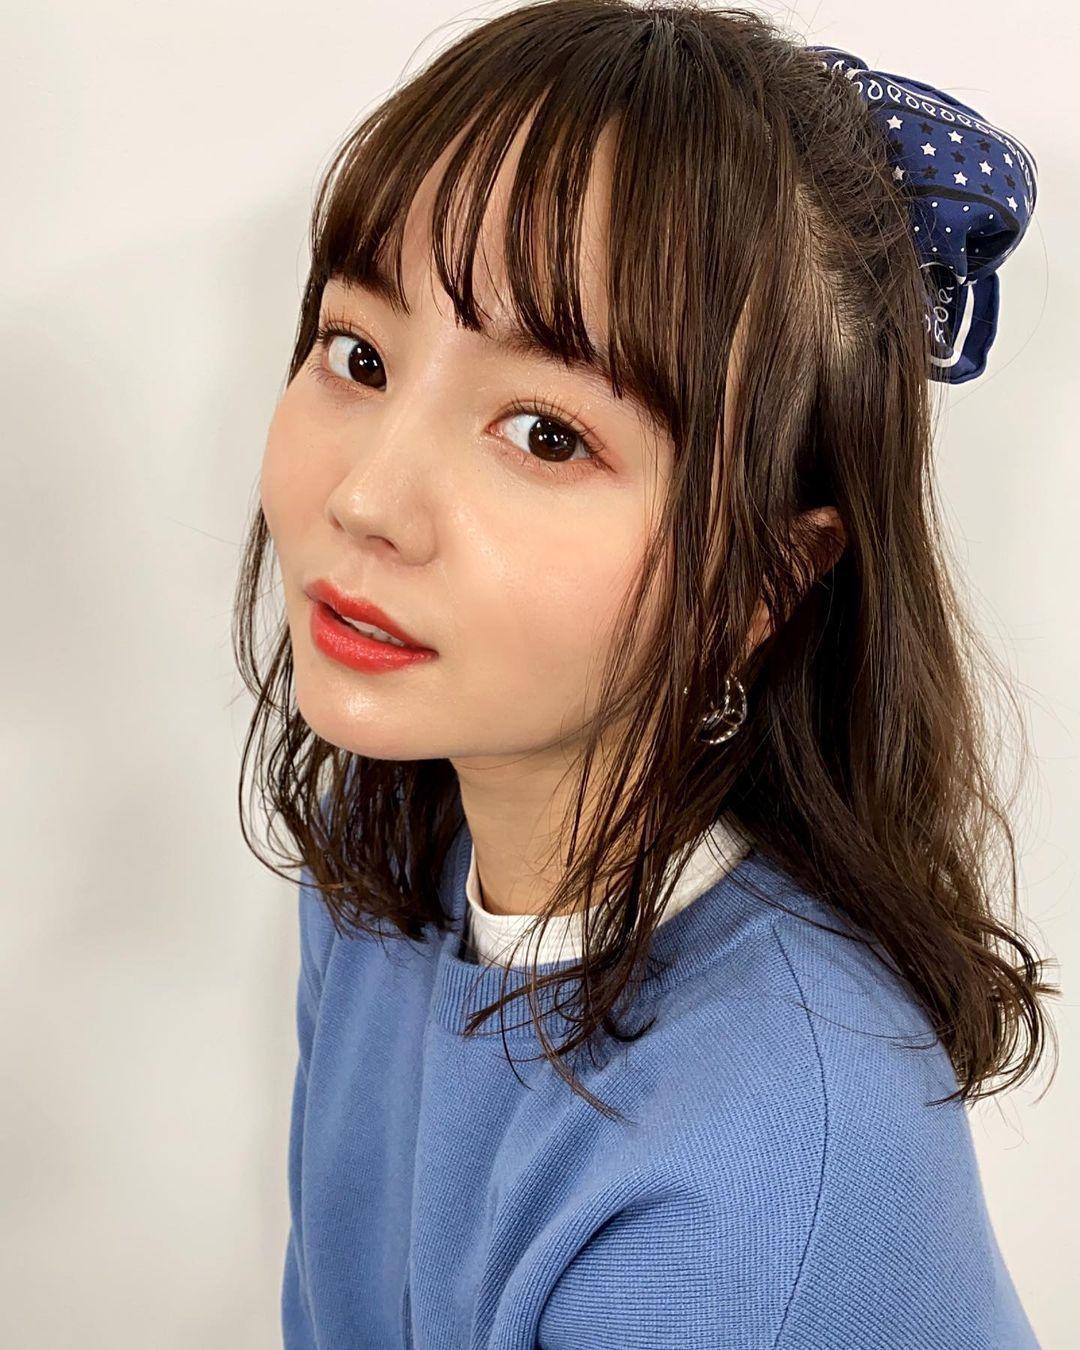 崛北真希妹妹NANAMI新生代清纯女 网络美女 第28张